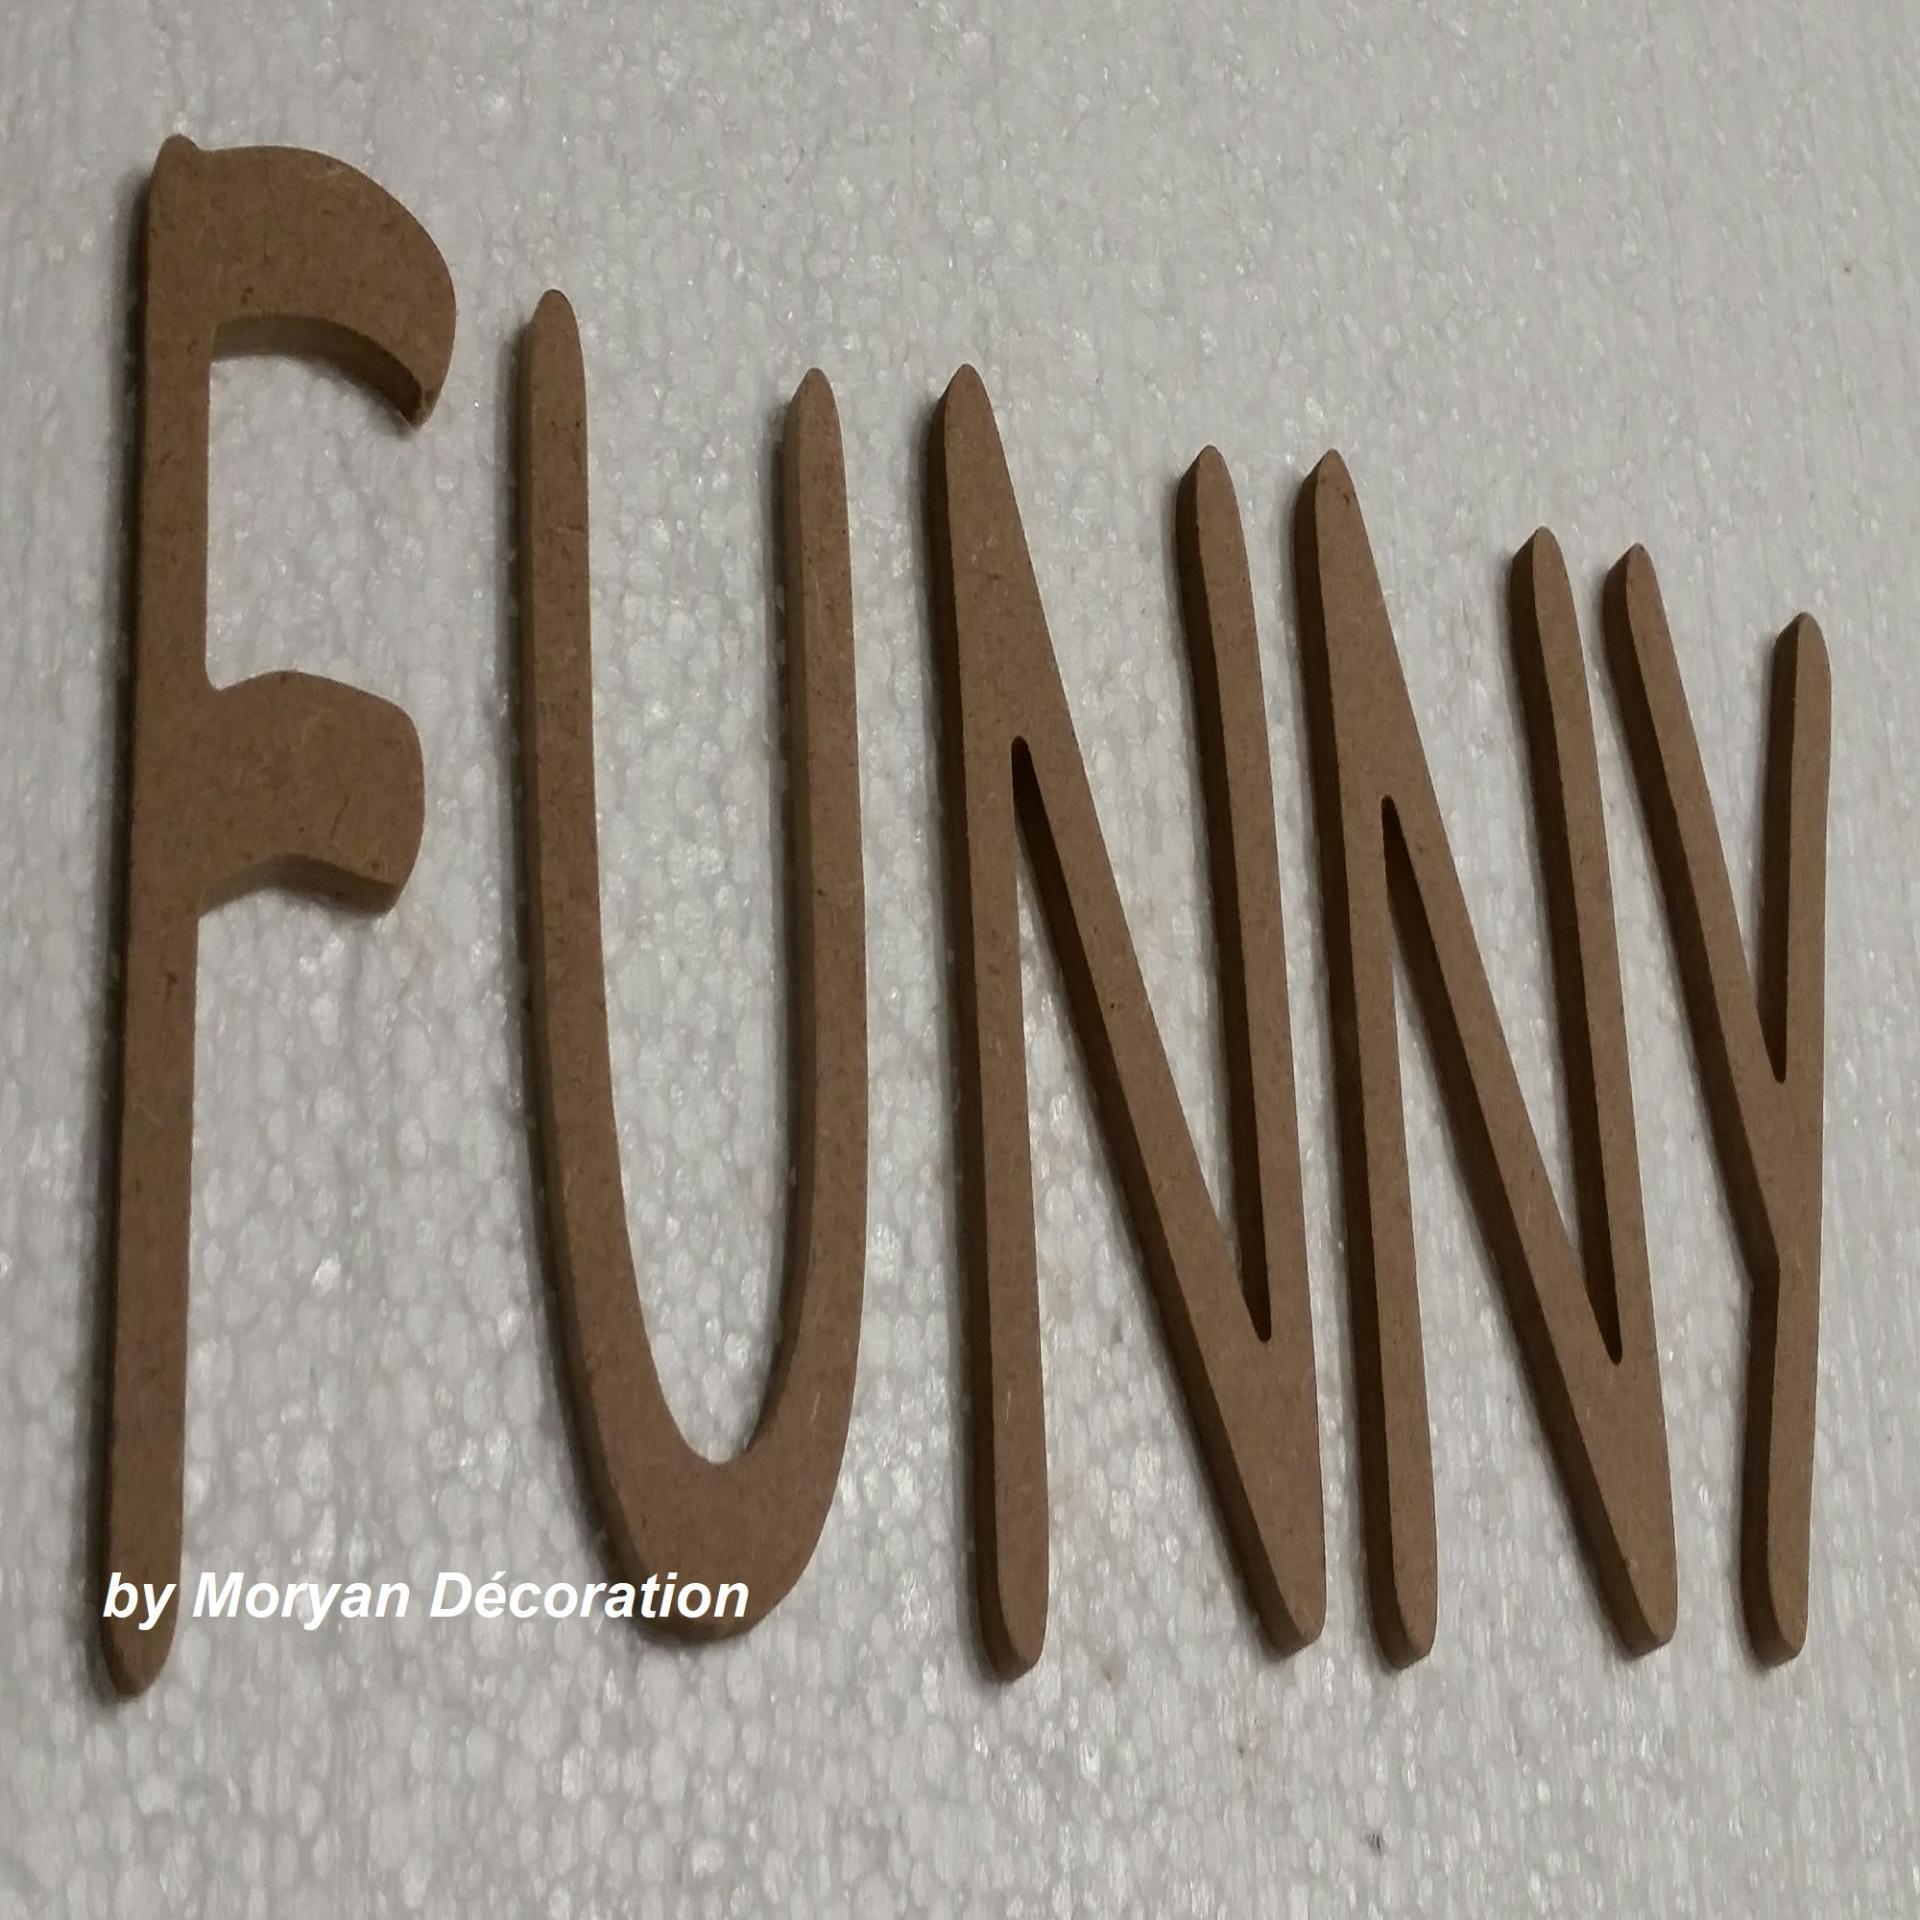 Lettres decoratives en bois a peindre ou a decorer funny